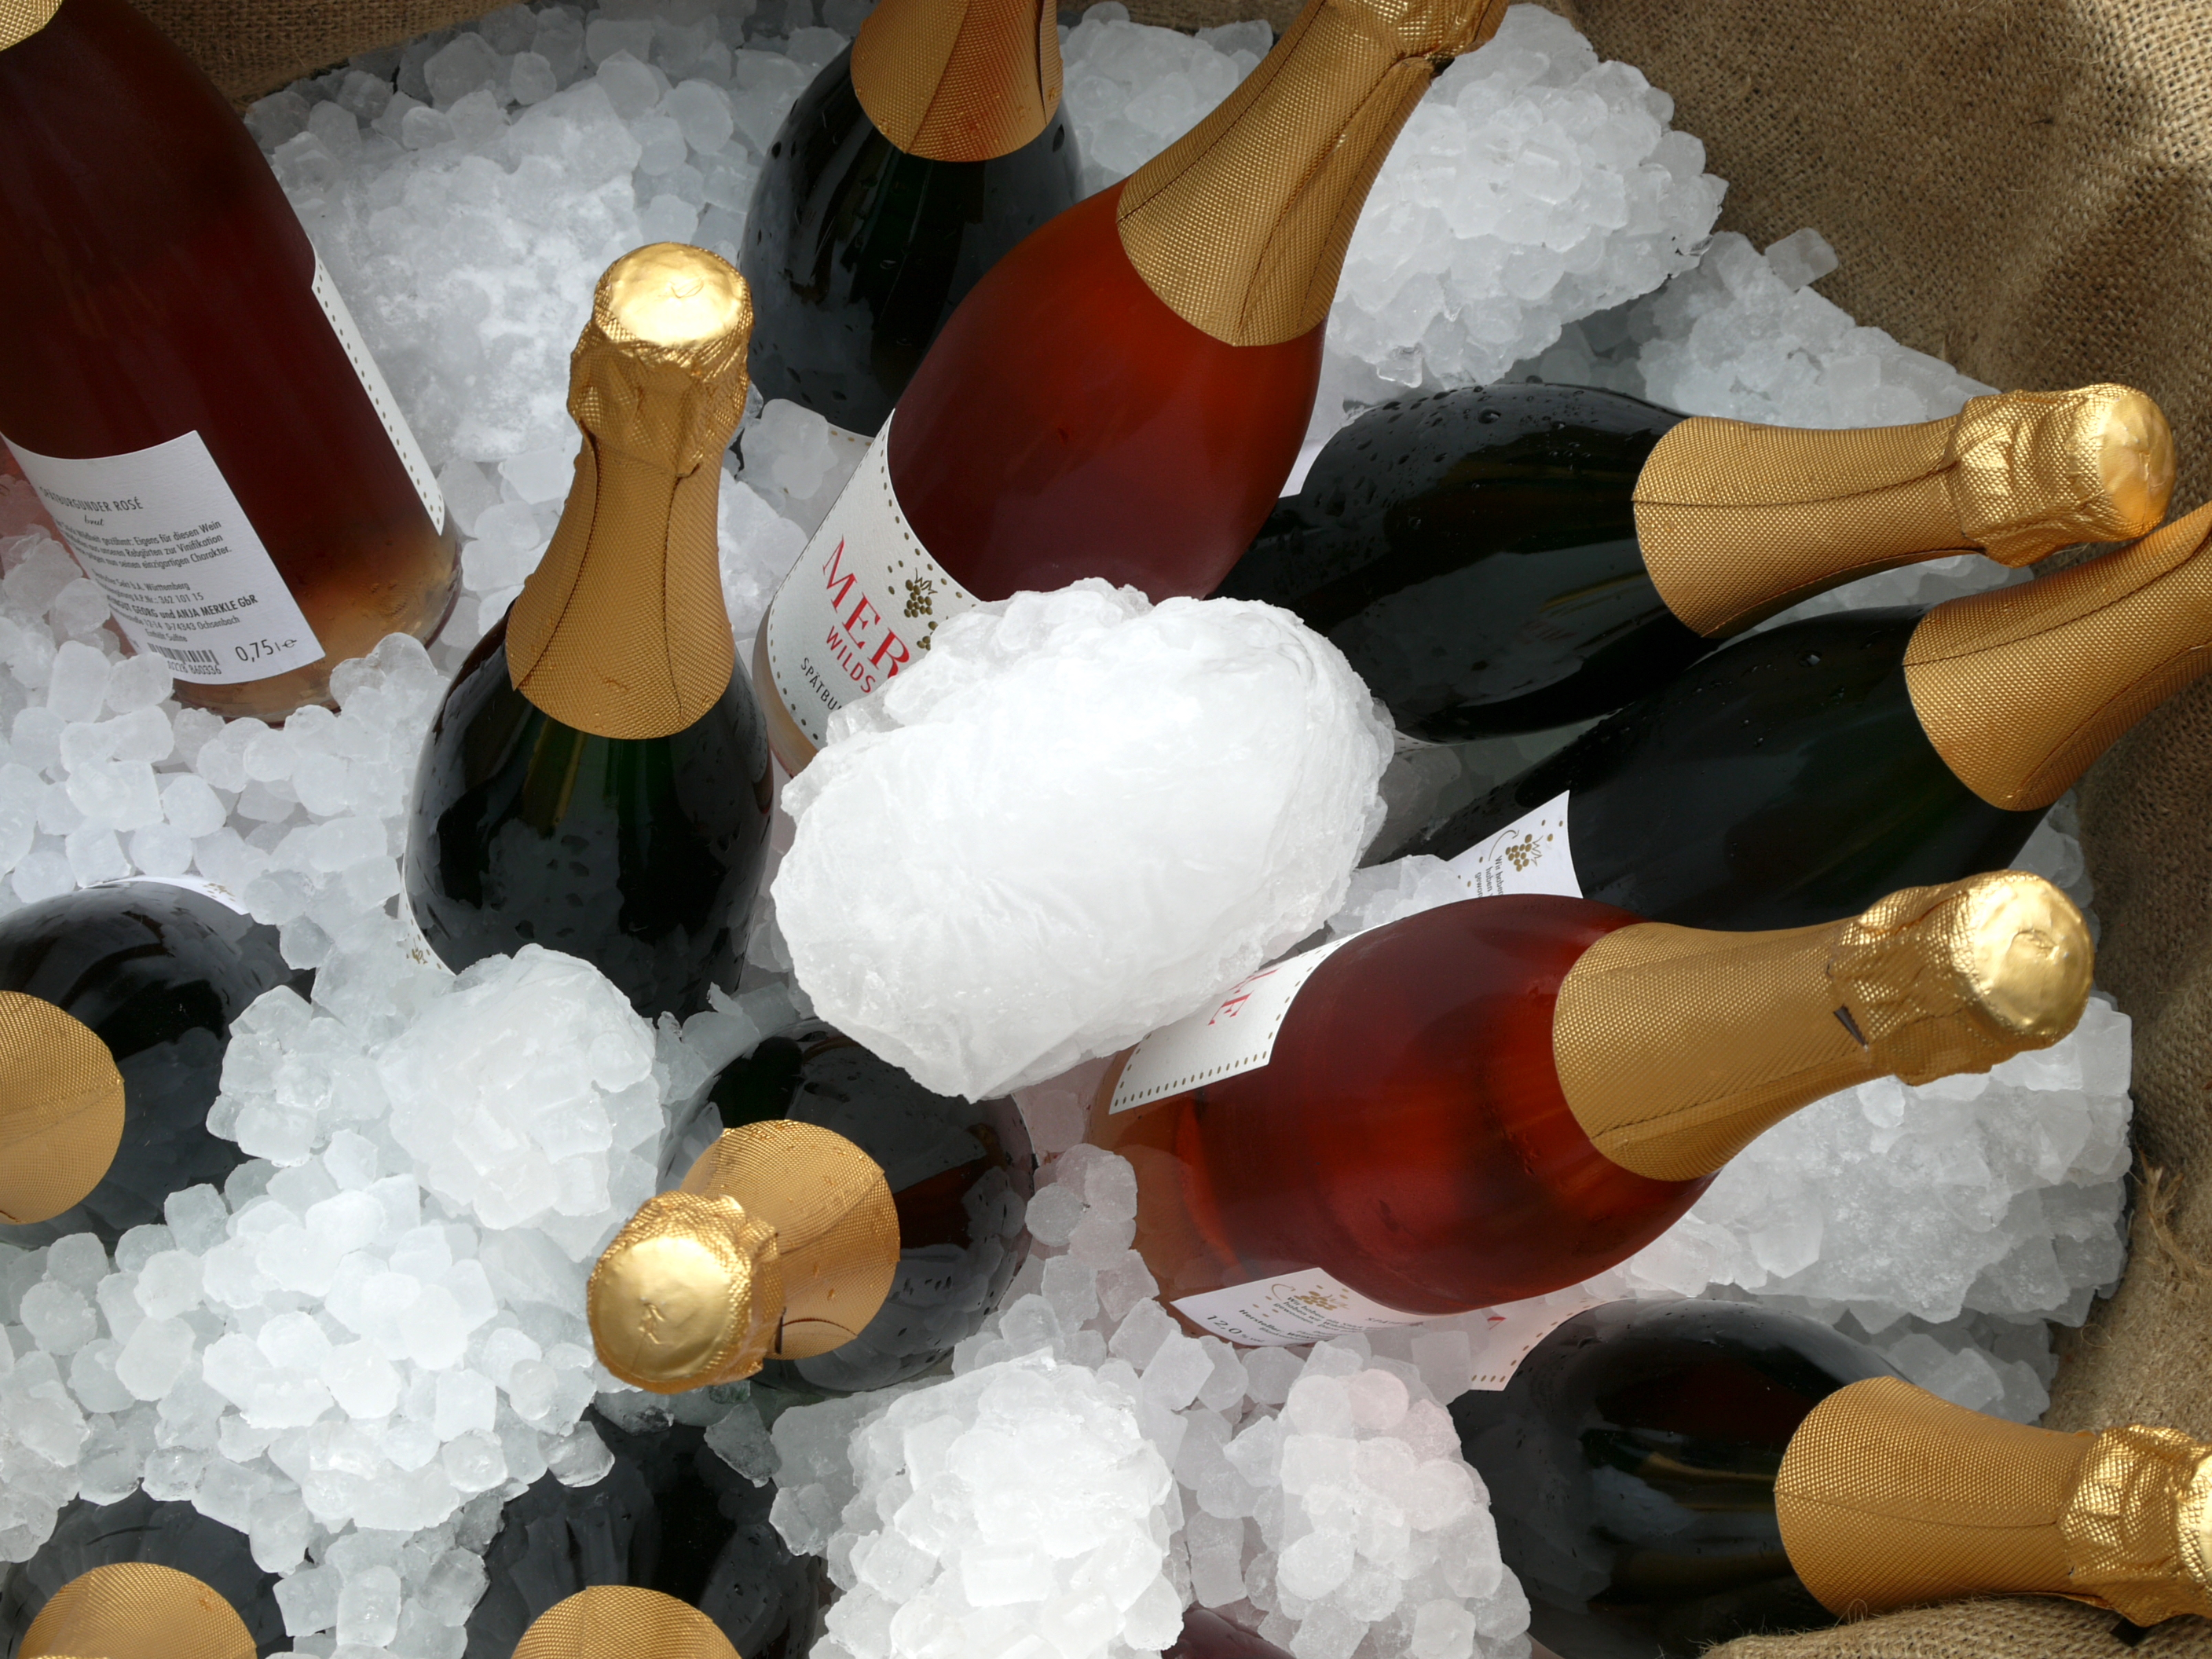 The owners of Merkle Wein Ochsenbach presented wine tasting from regional vineyard